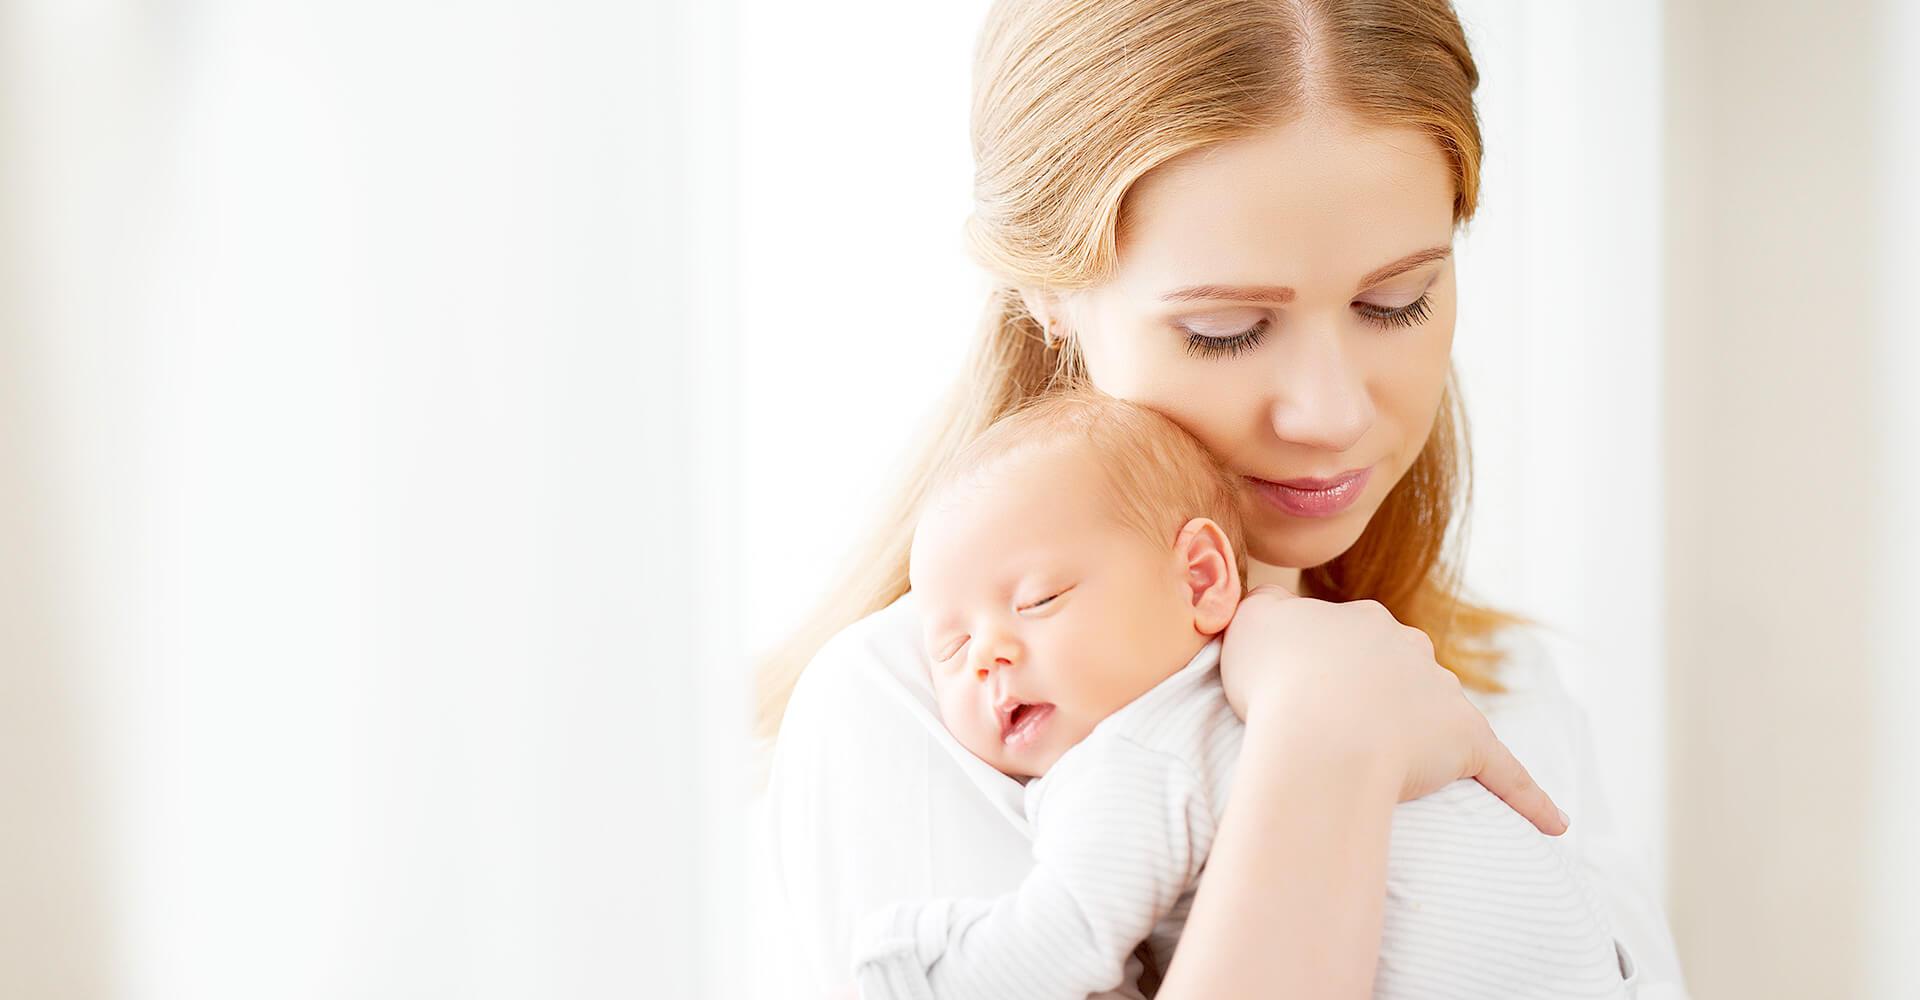 Εγκυμοσυνη Μαιευτικη Τοκετος Καισαρικη